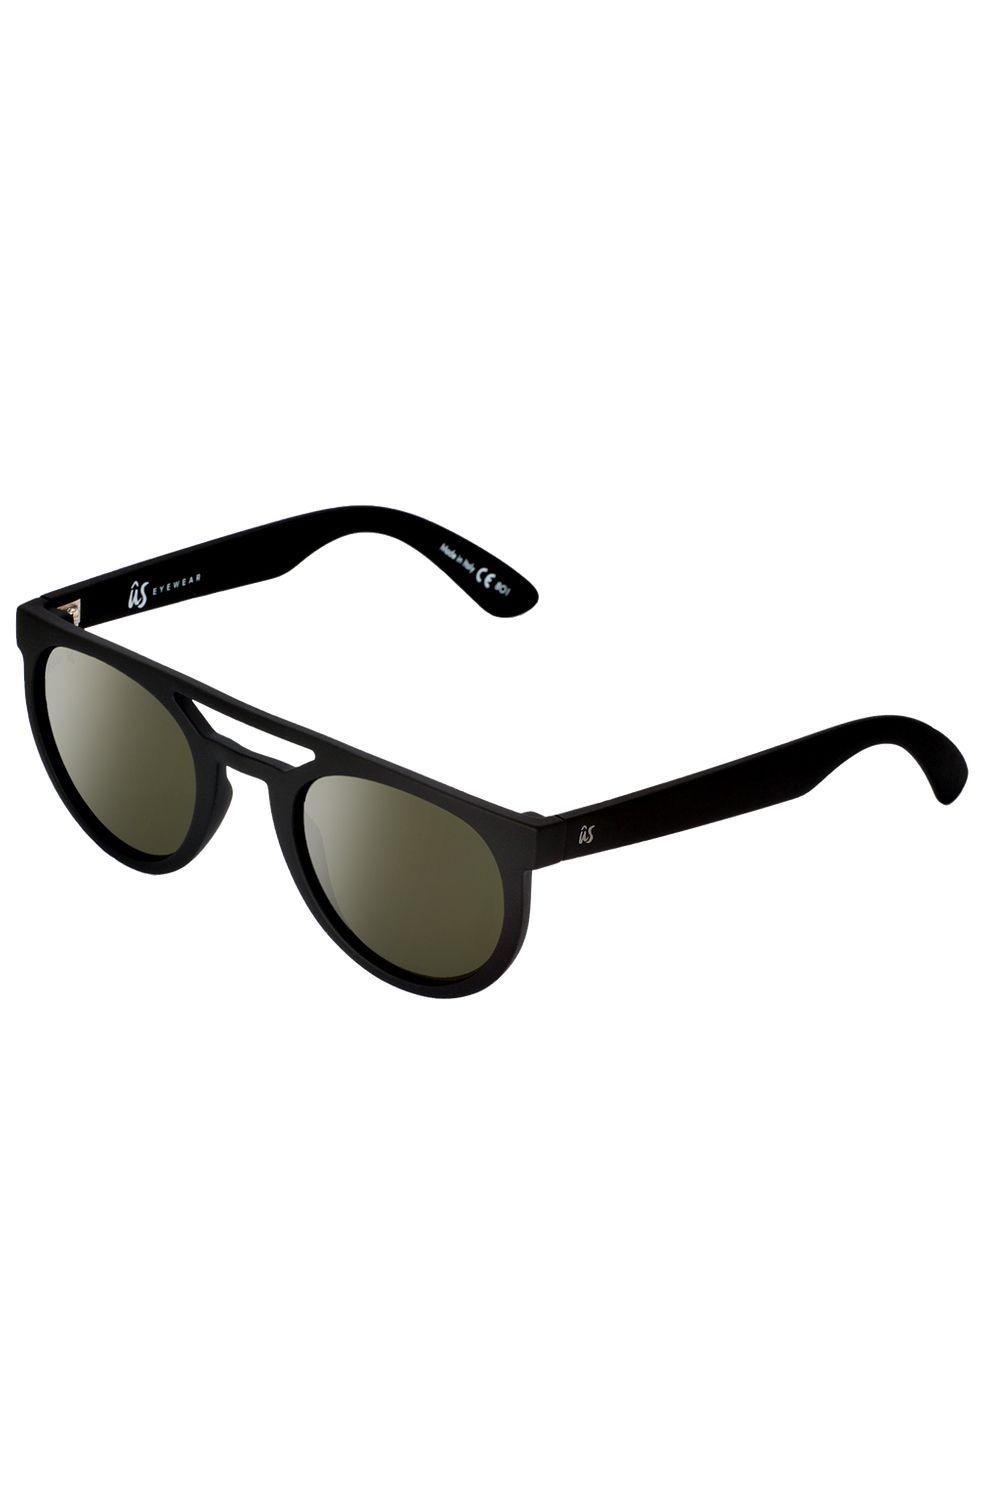 Oculos US NEOS Matte Black/Vintage Grey Polarized